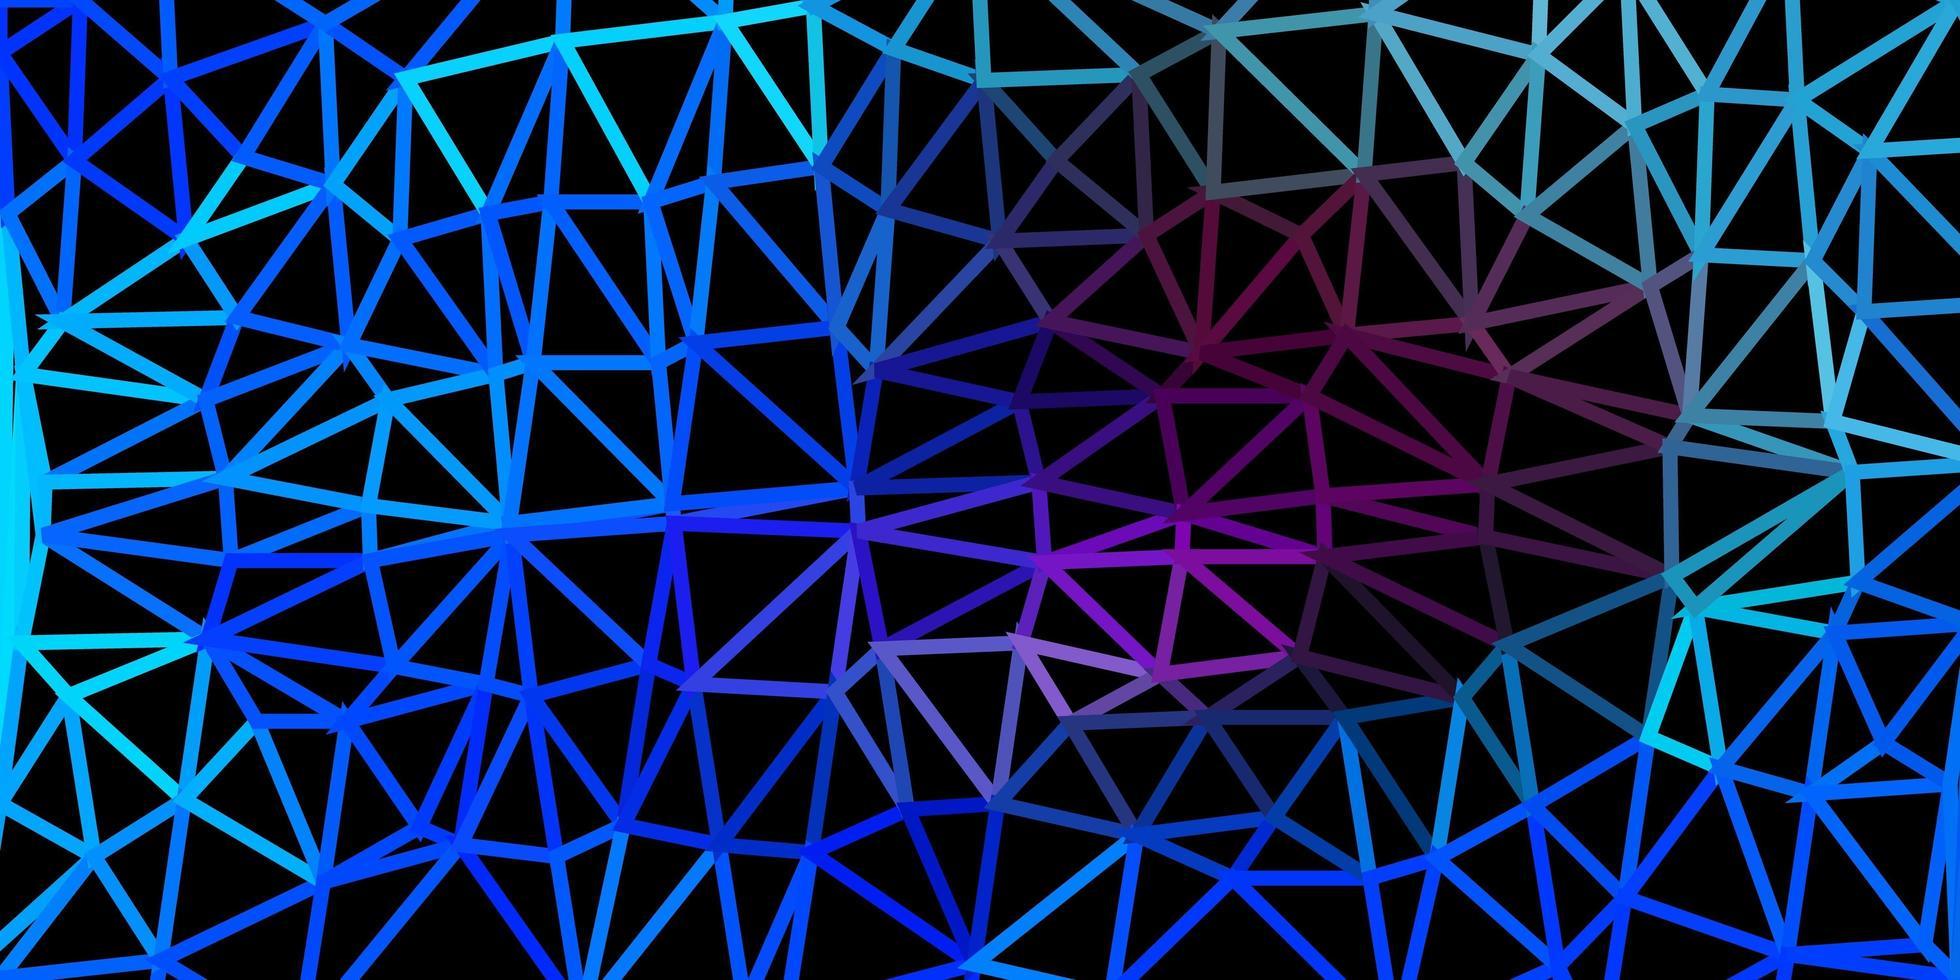 sfondo di mosaico triangolo vettoriale rosa scuro, blu.